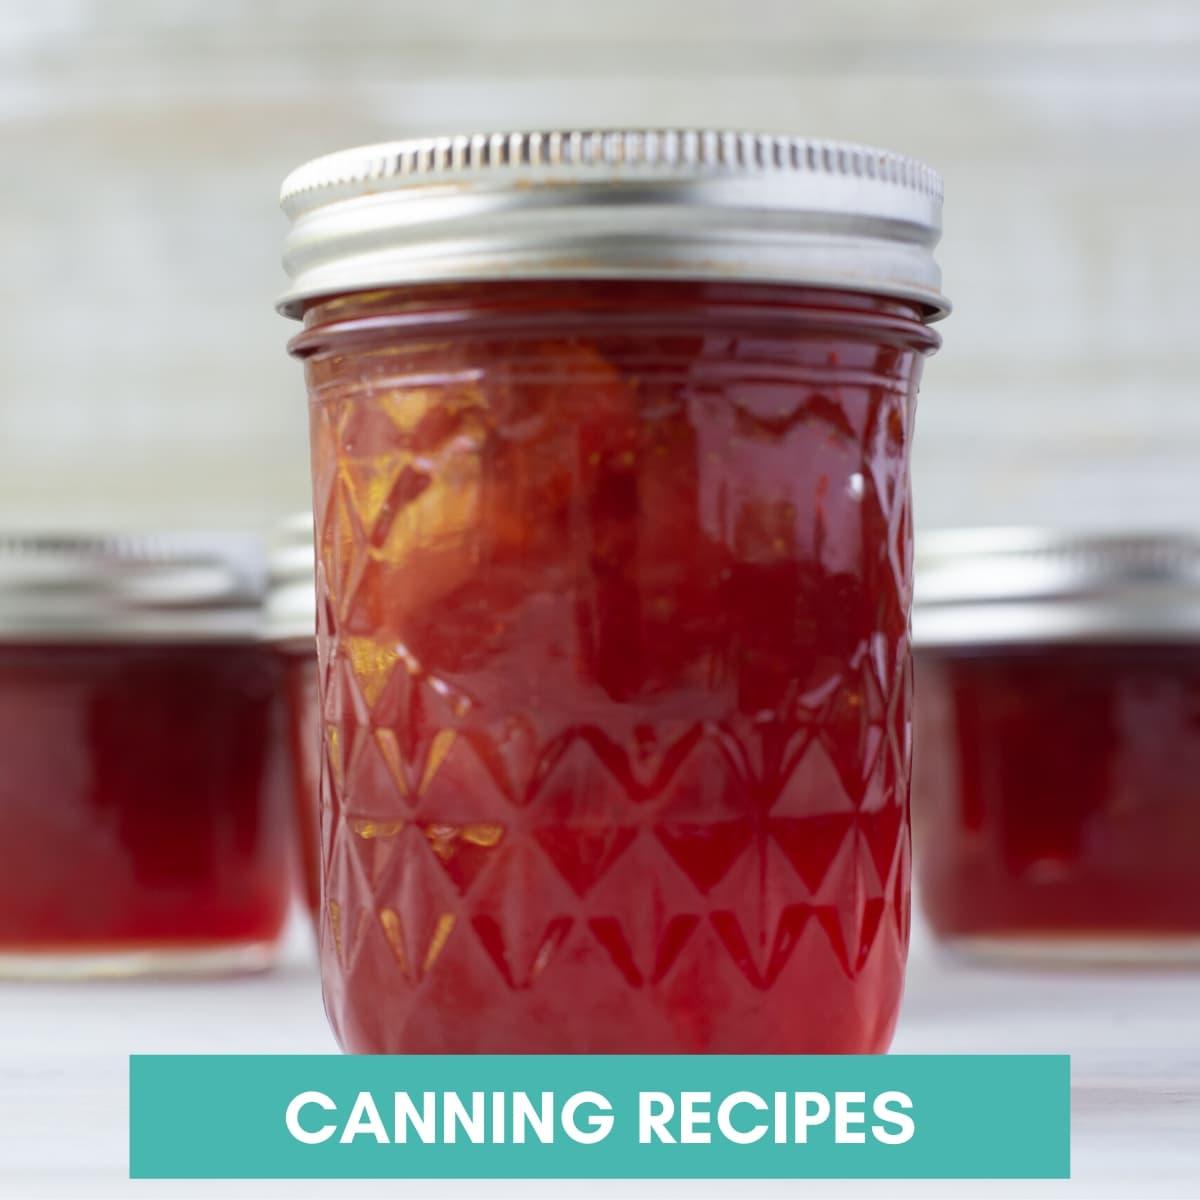 close up image of a jar of homemade jam